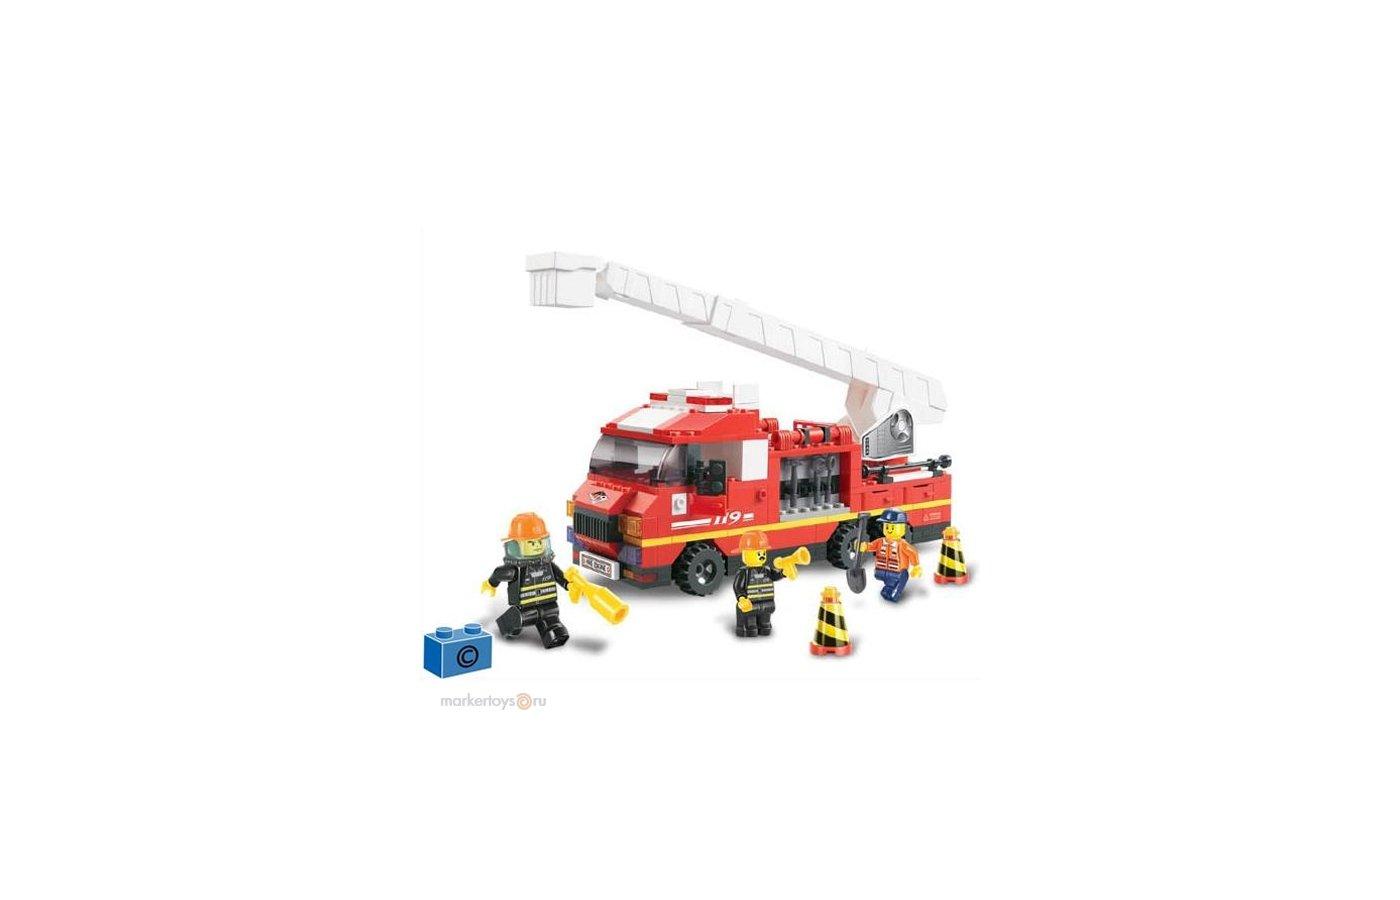 Конструктор SLUBAN 38-0221 Пожарная служба